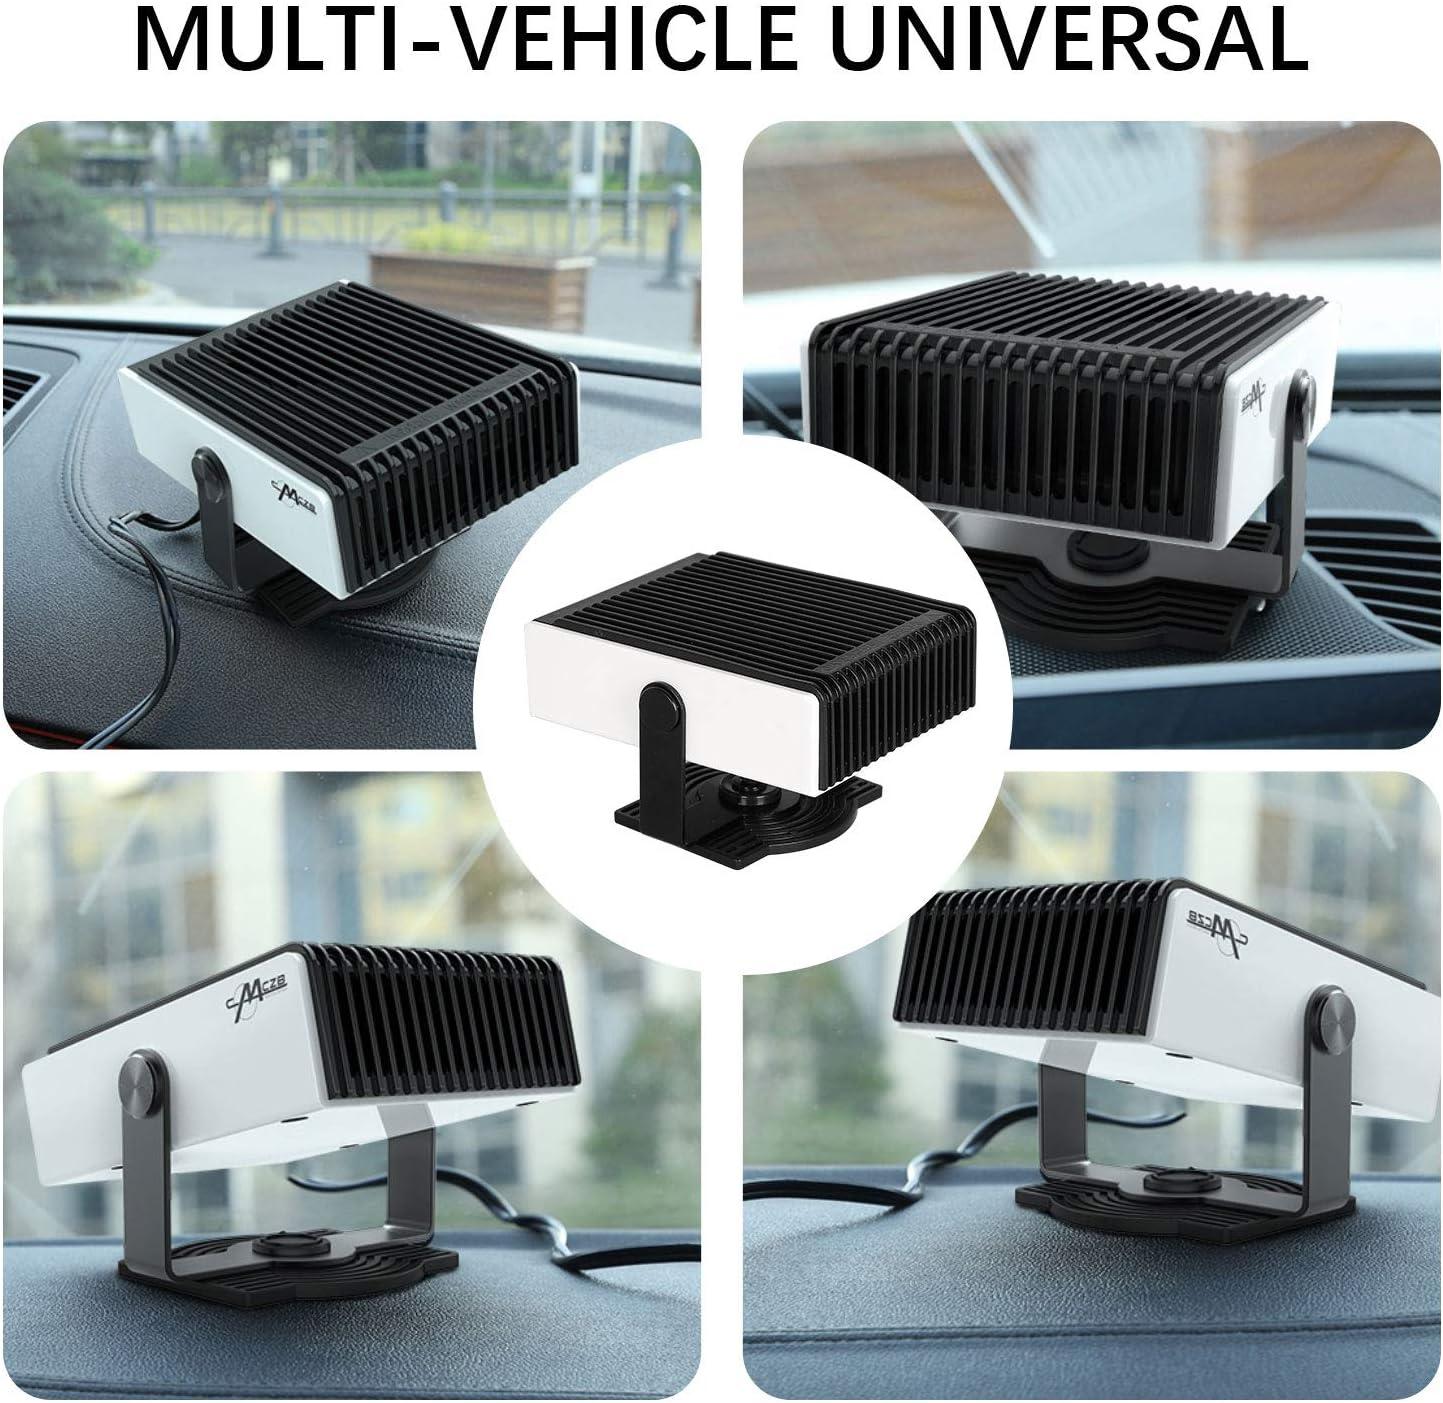 K/ühlventilator Auto-Heizung 2-in-1 tragbar Fenster-Entfeuchter 200 W Mingting Auto-Heizung Abtauen von Windschutzscheibe 12 V